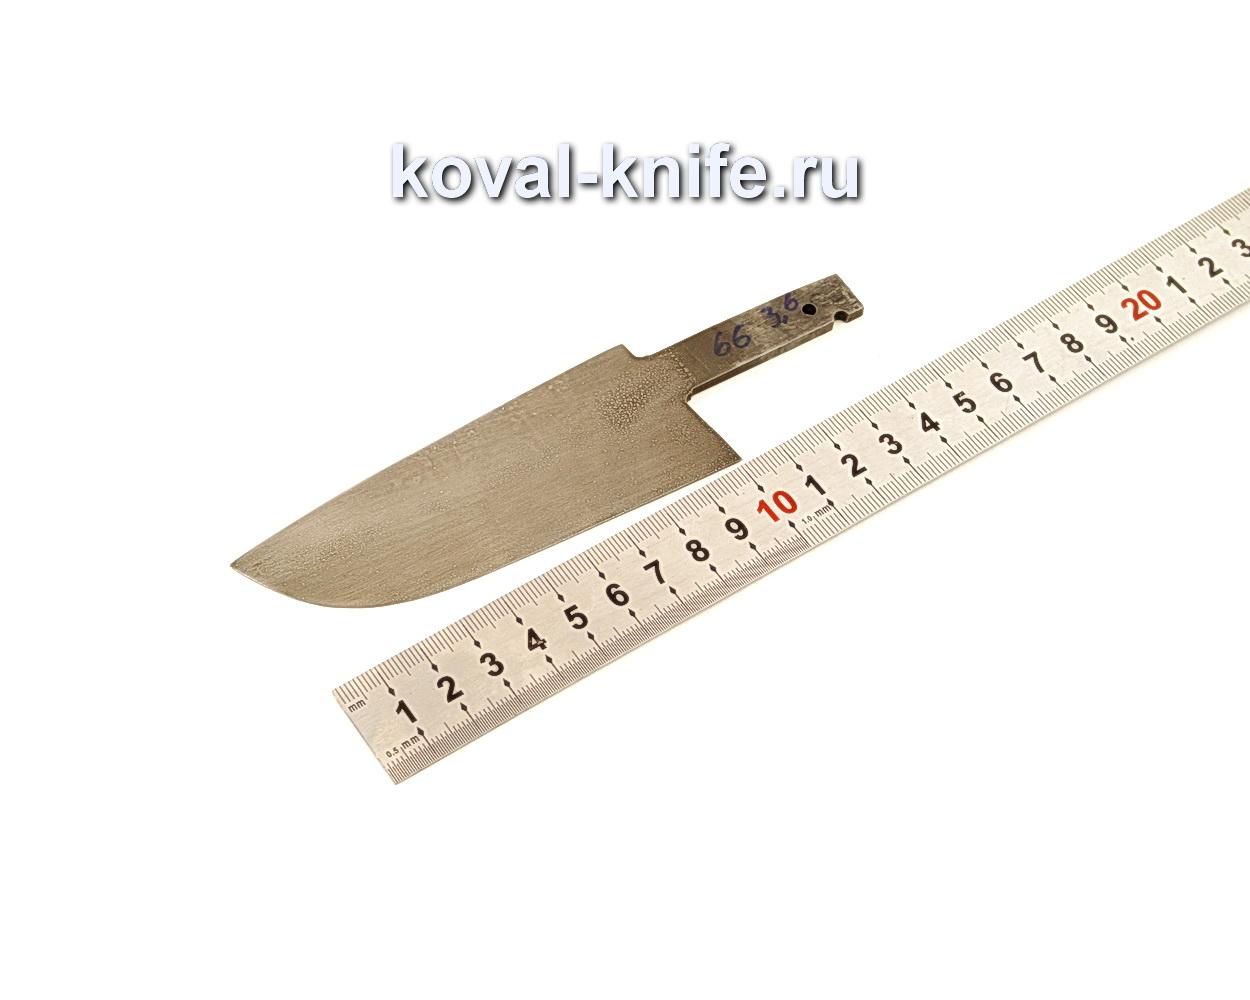 Клинок для ножа из кованой стали ХВГ N66